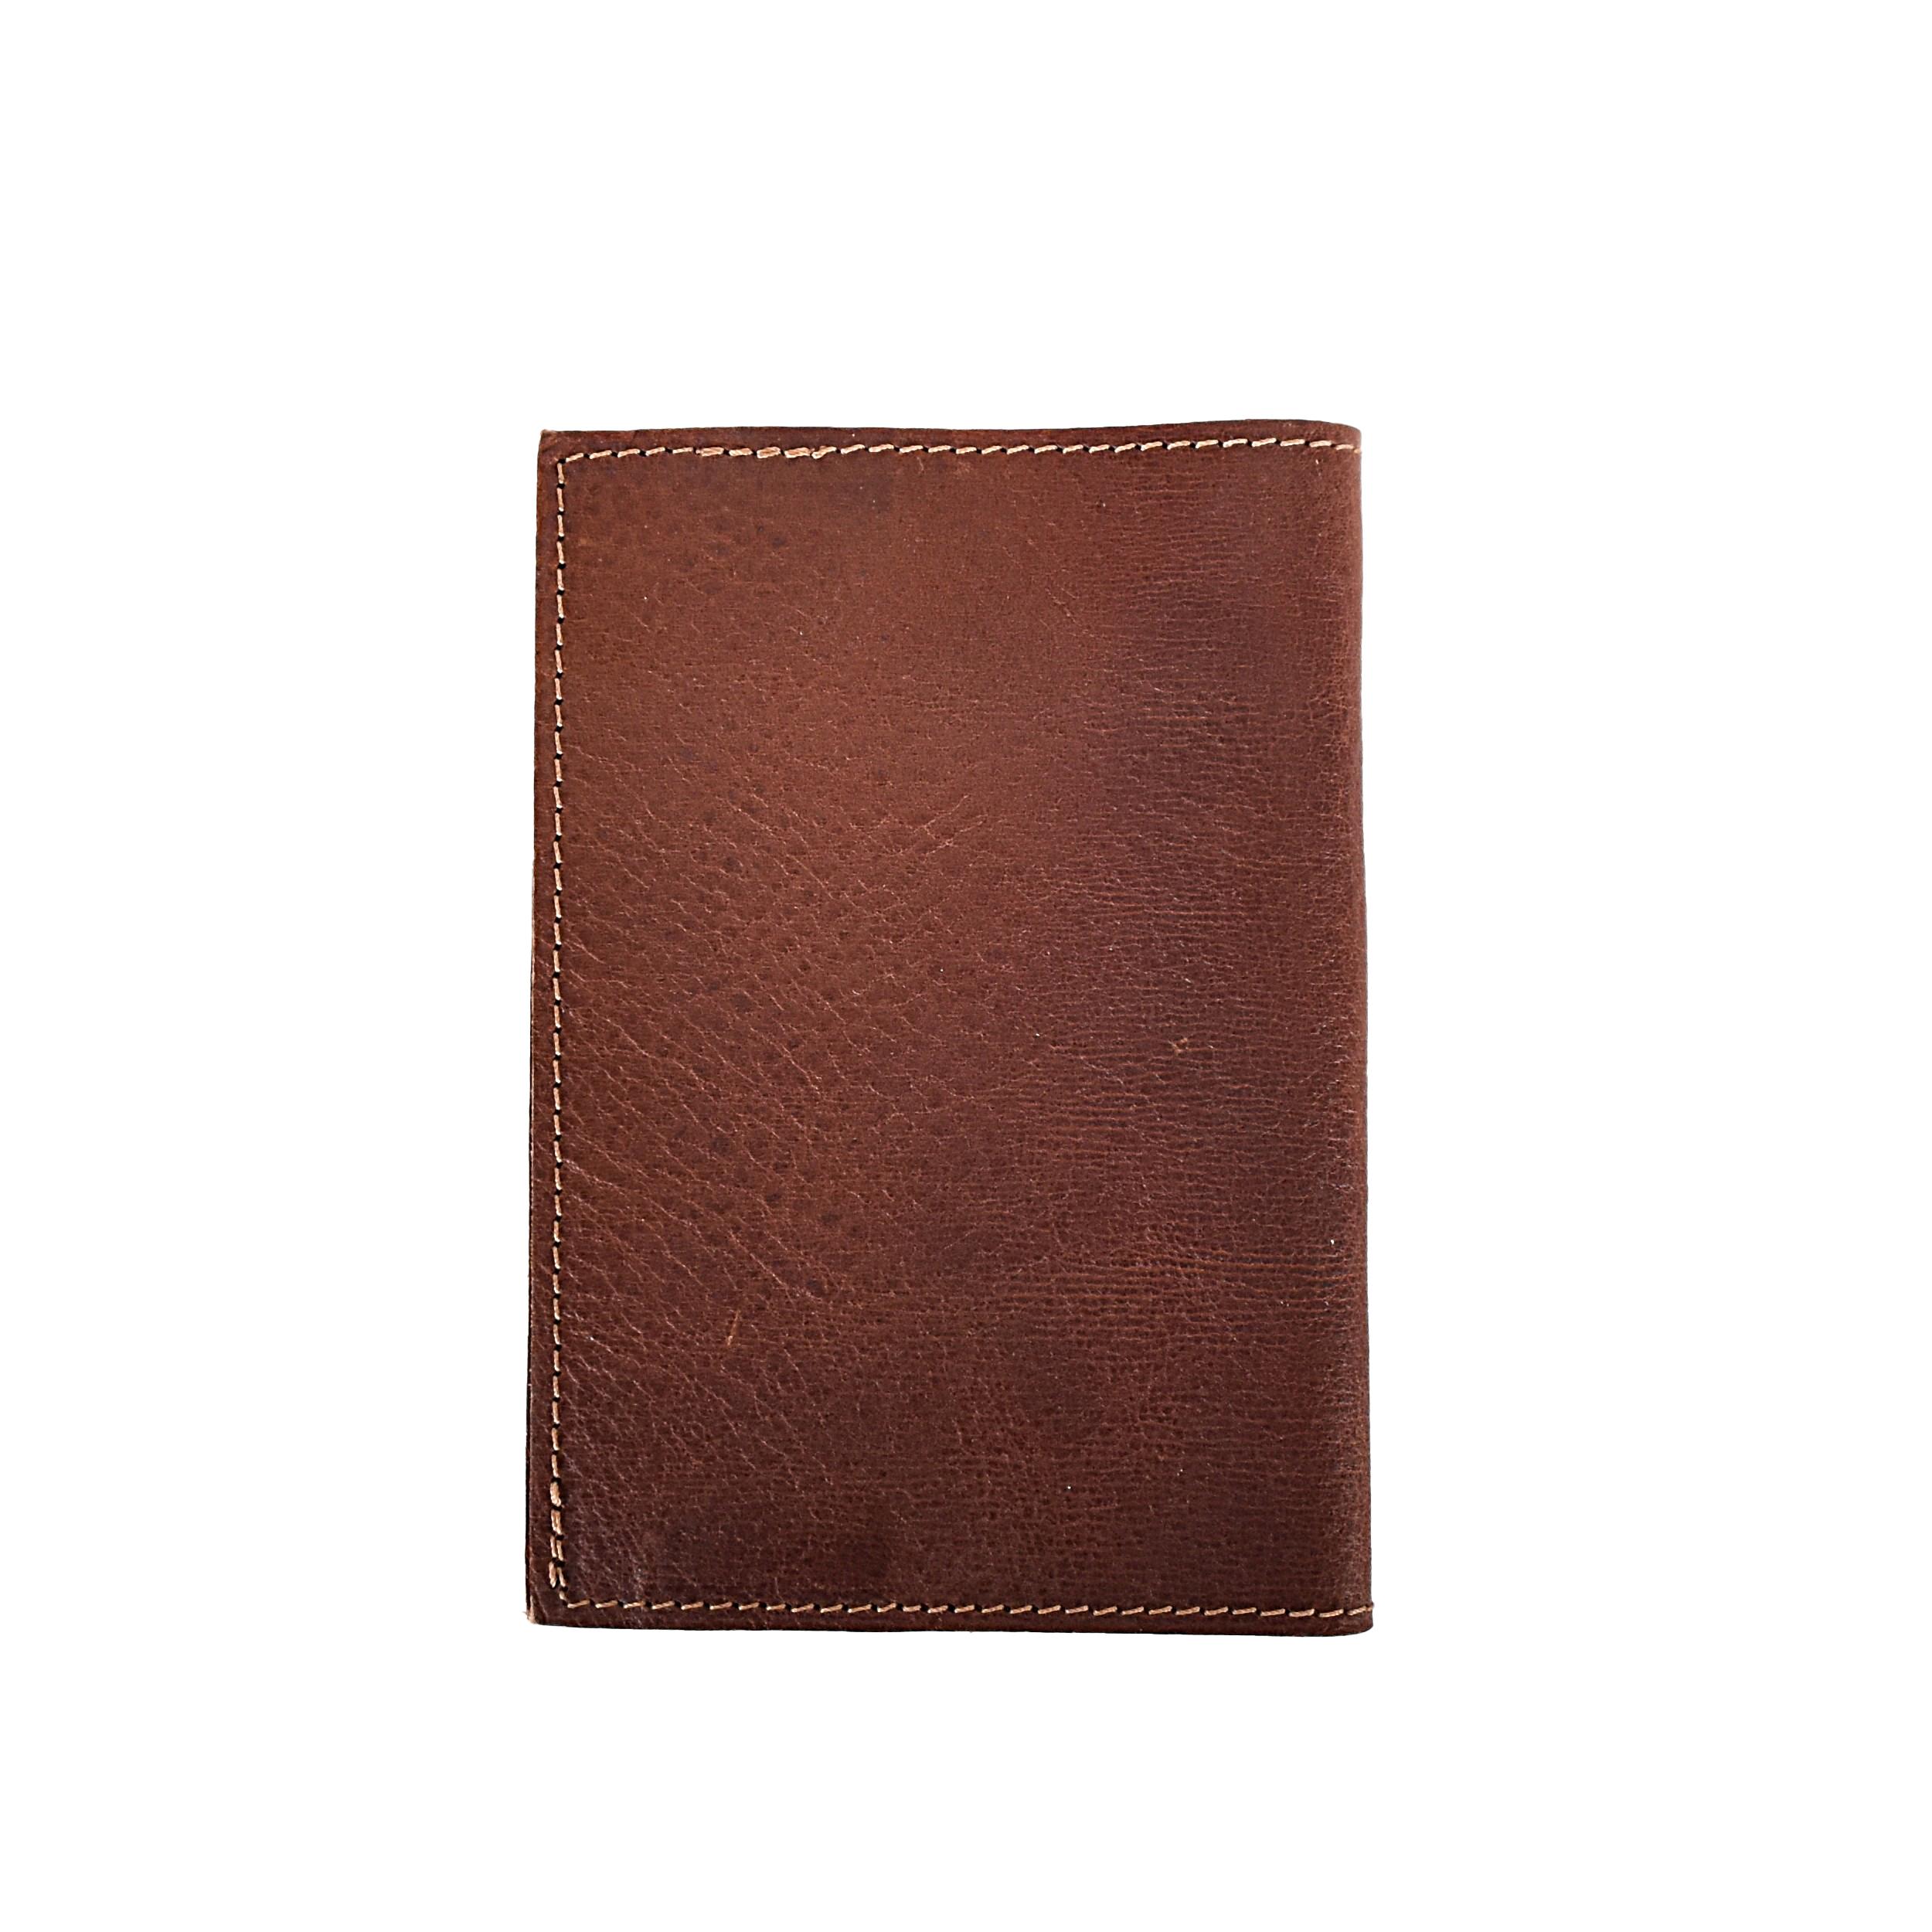 Passeport cognac 2